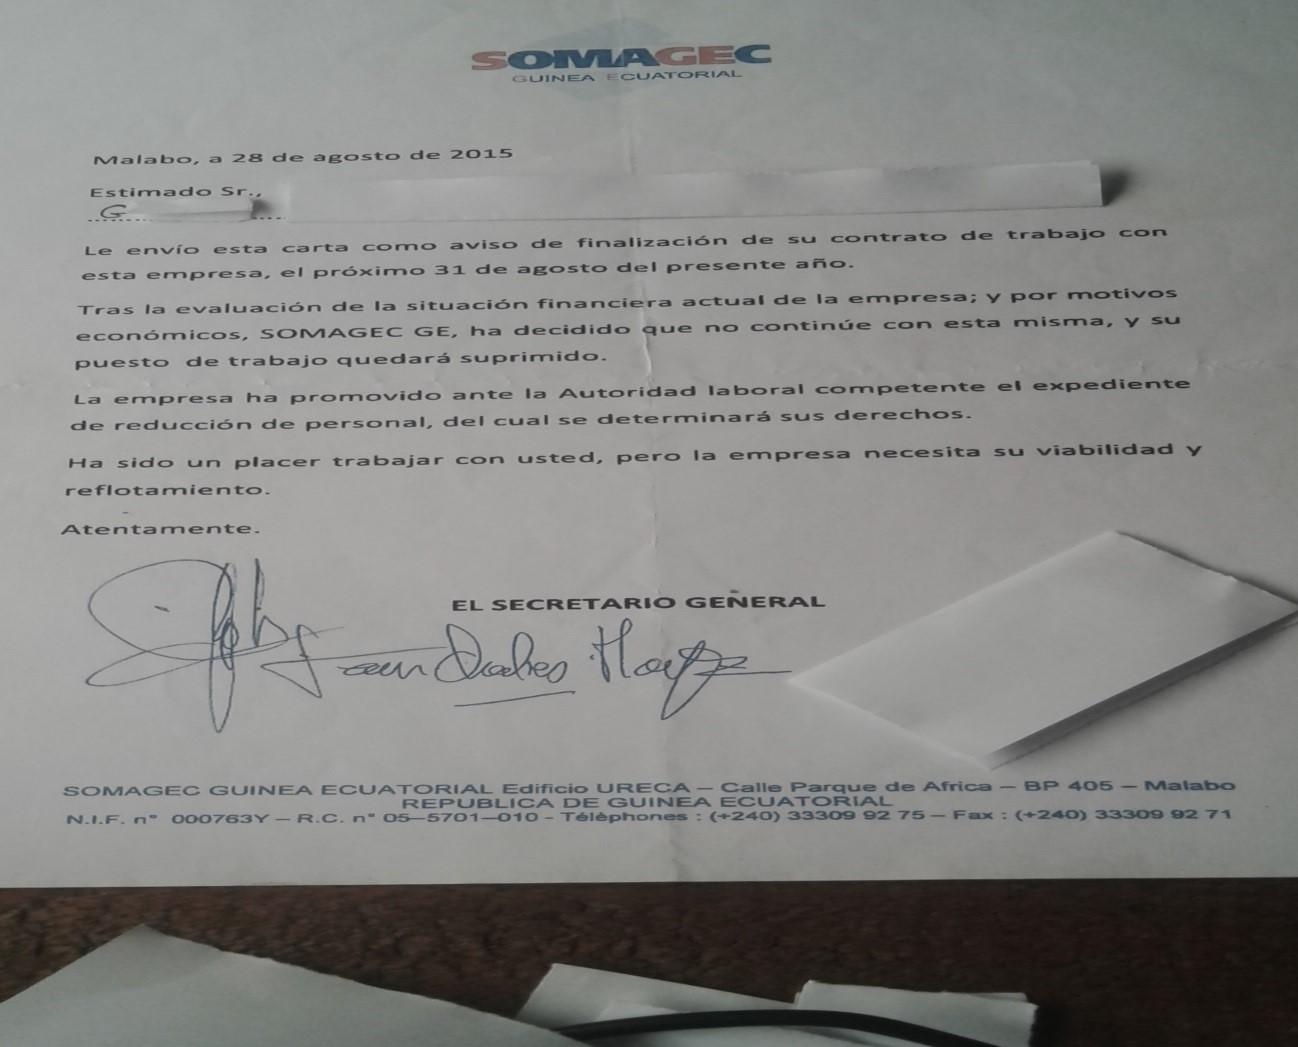 La carta de suspensión de empleo que cada empleado/a recibió el día 28 de agosto de 2015, anunciándoles que el día 31 del mismo mes se quedarían sin trabajo. Evidentemente el espacio del tiempo estipulado en Ley para enviar dicho aviso no concuerda